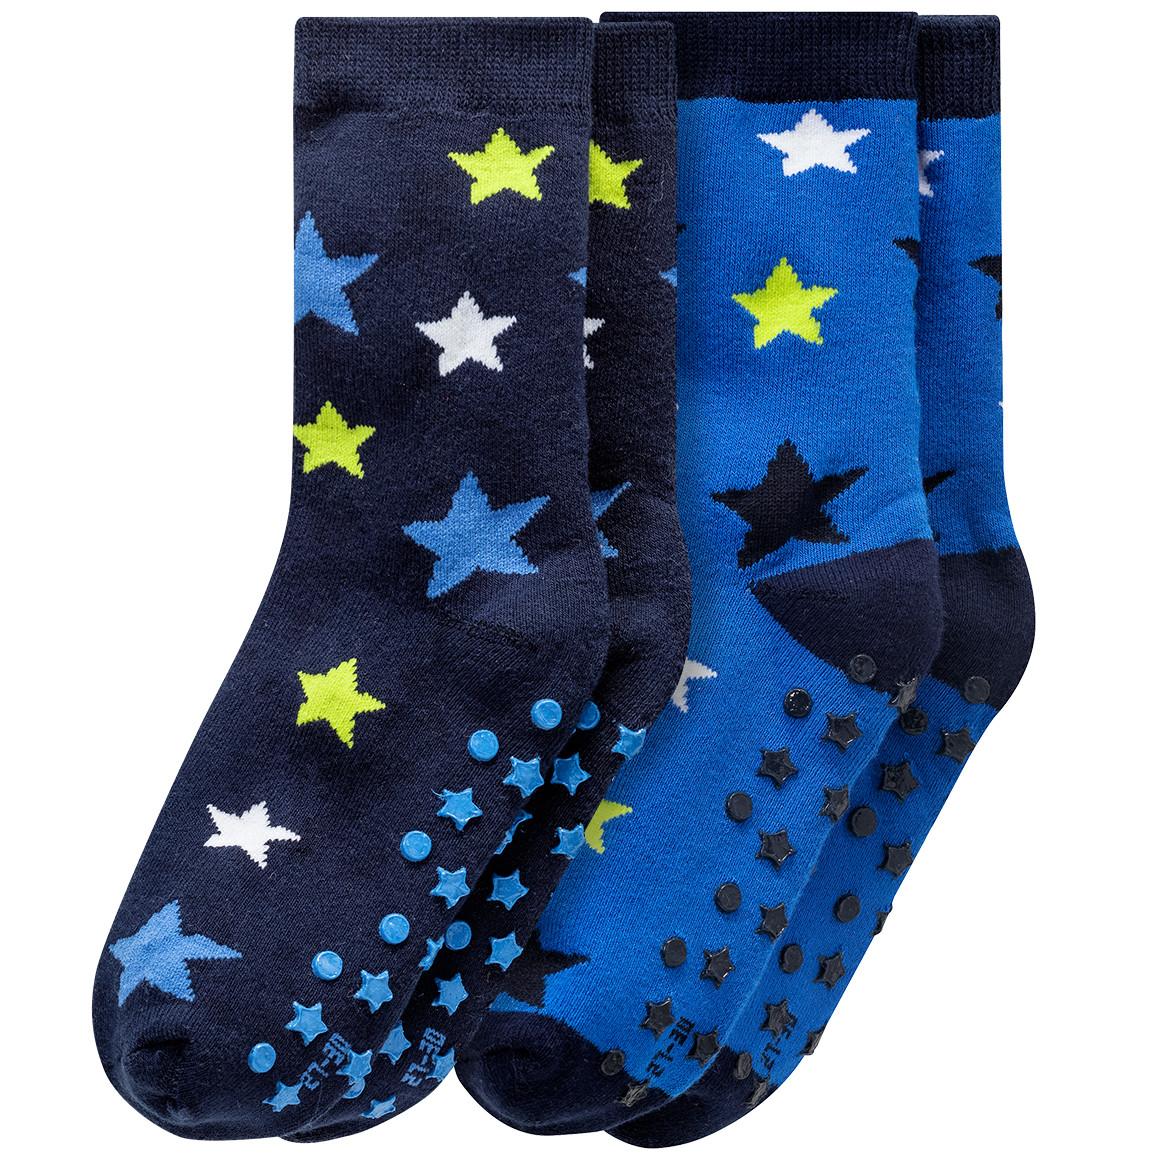 Miniboyaccessoires - 2 Paar Jungen Vollfrottee Socken - Onlineshop Ernstings family